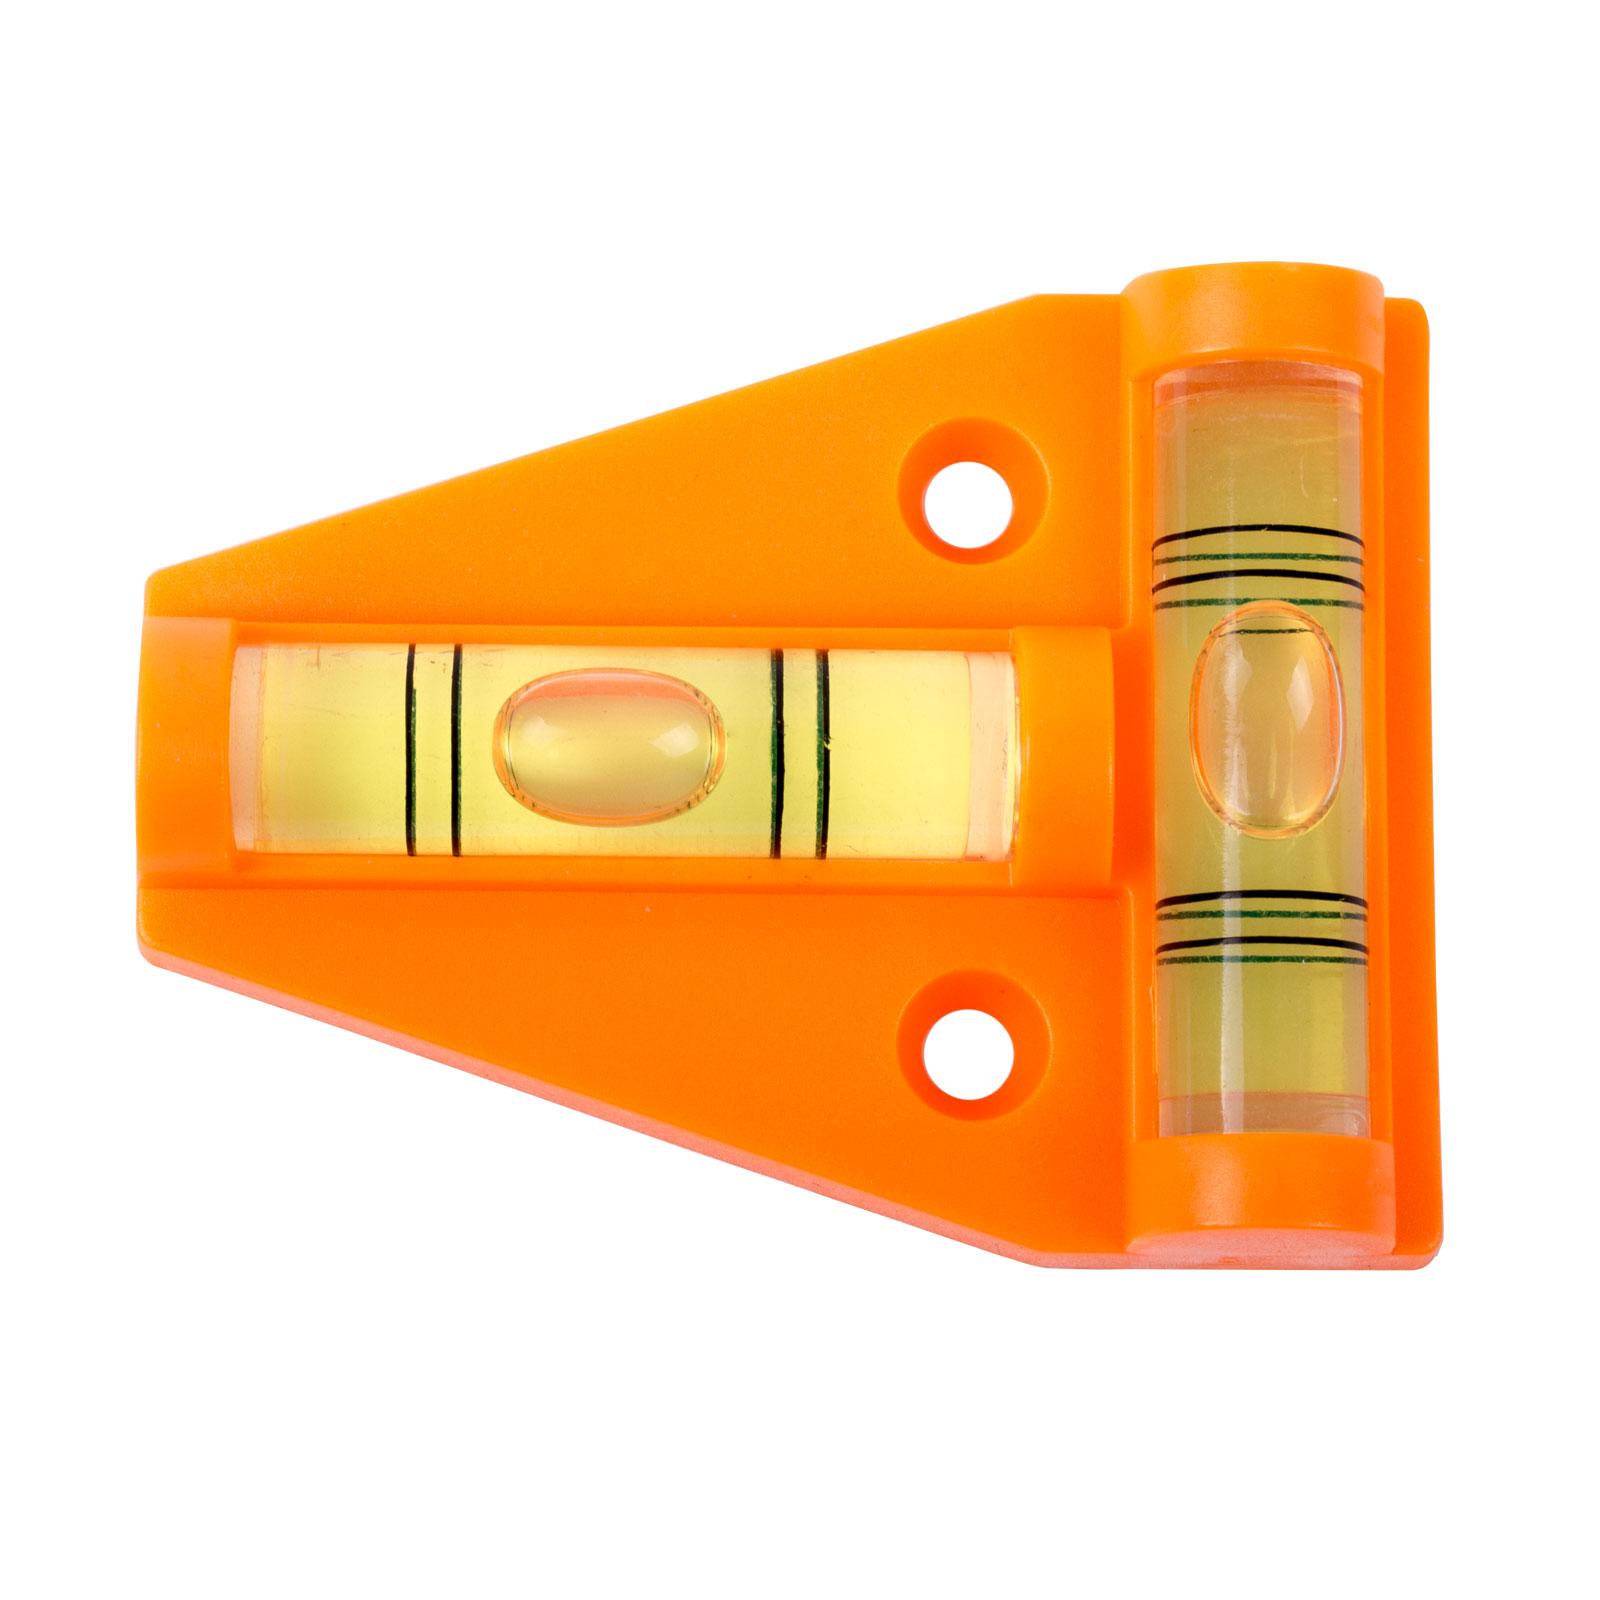 Stützplatten inkl Akkuschrauberaufsatz 440 mm und Kreuzwasserwaage